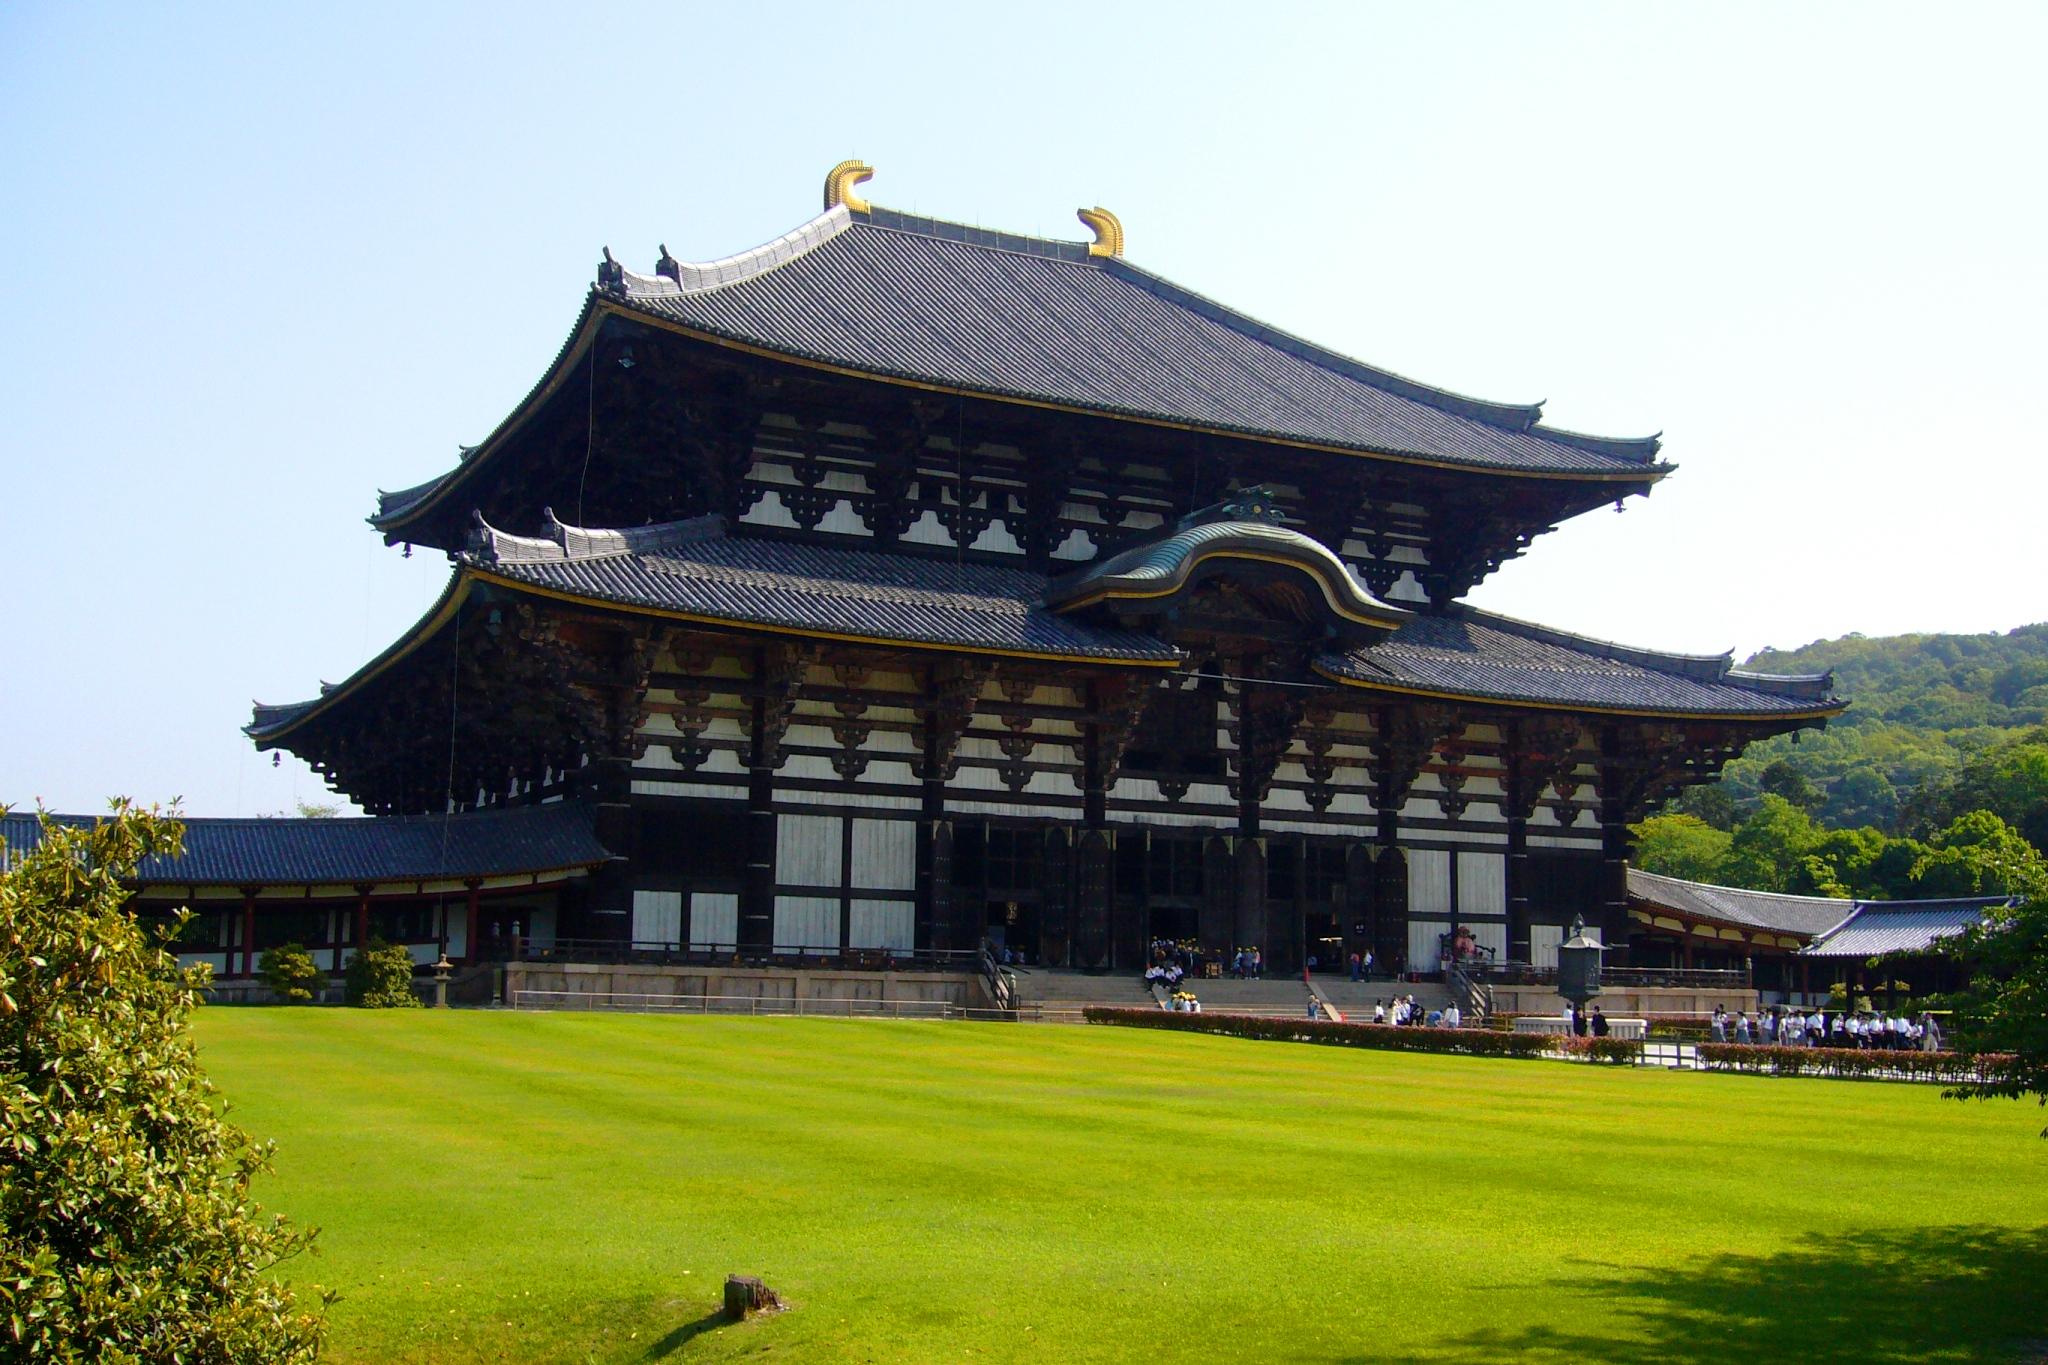 奈良市にある東大寺の大仏殿